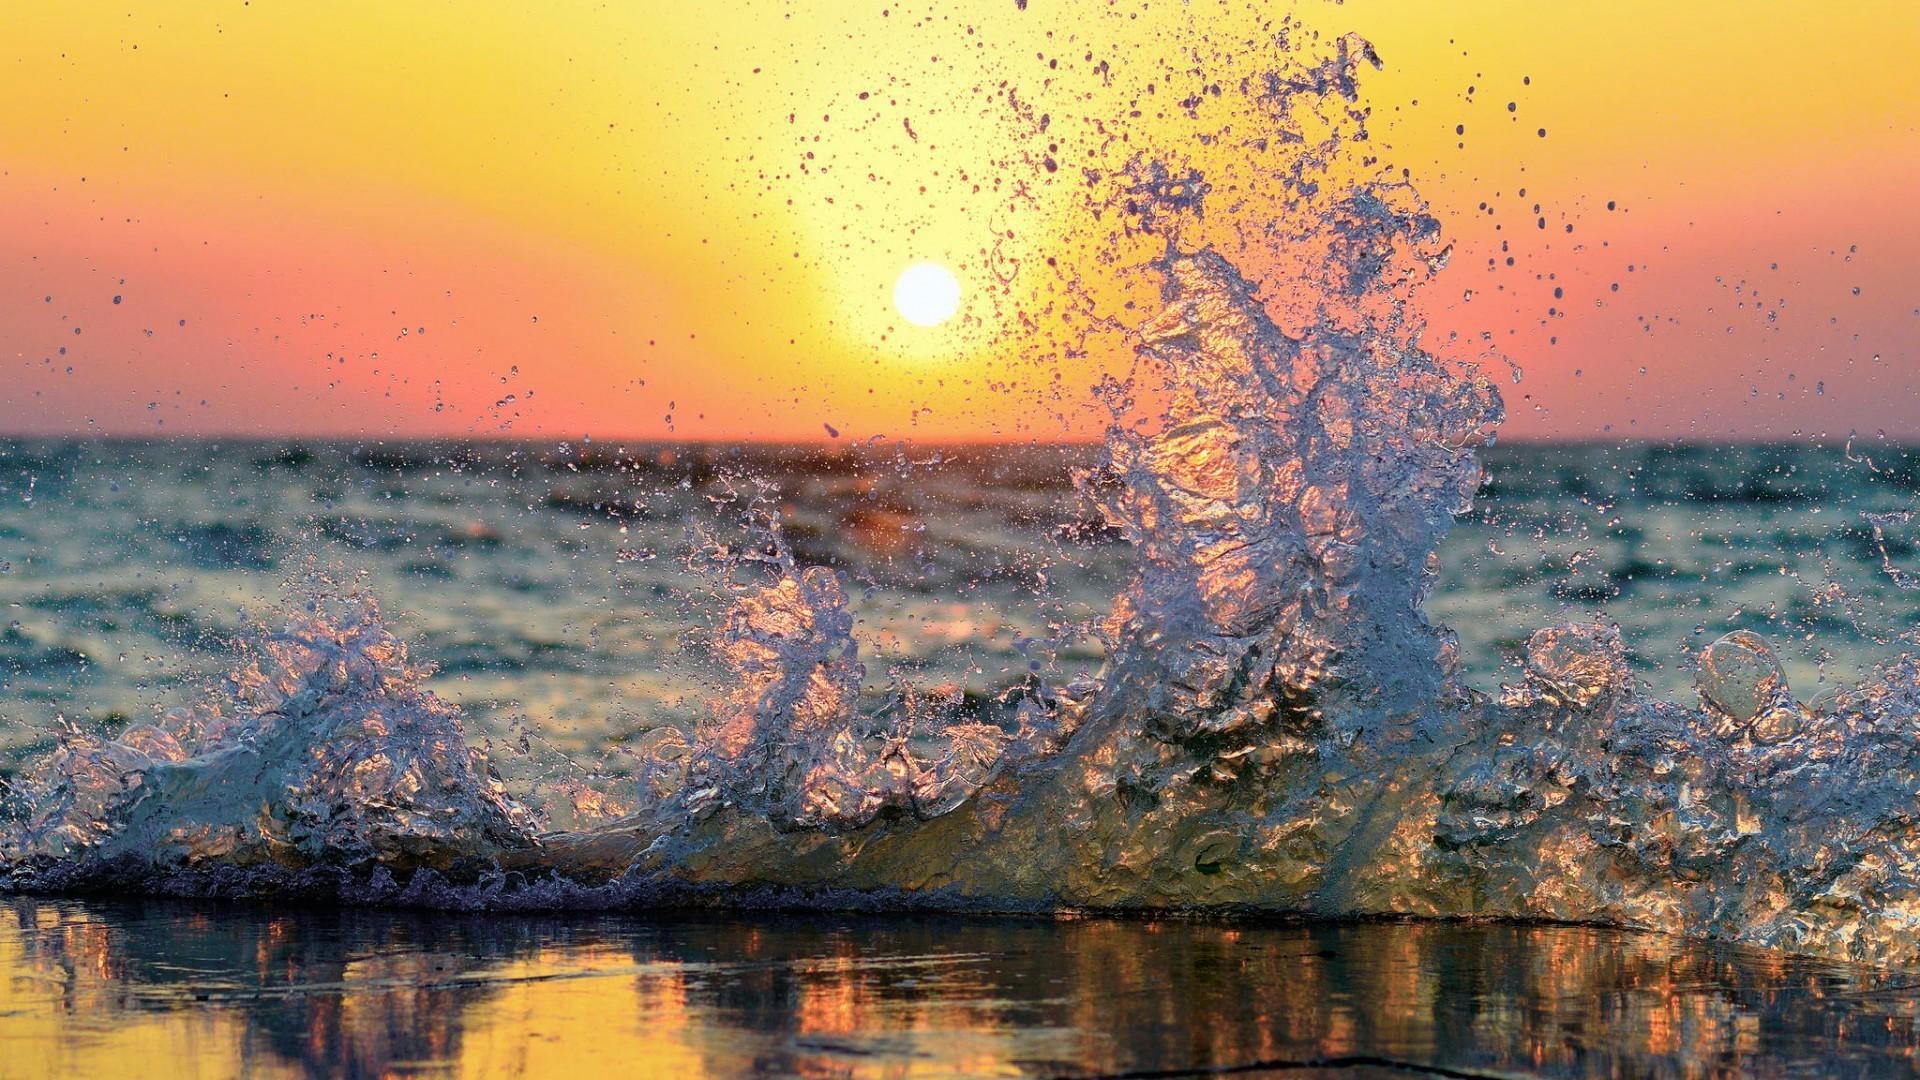 картинки солнце жизнь вода как жесткая